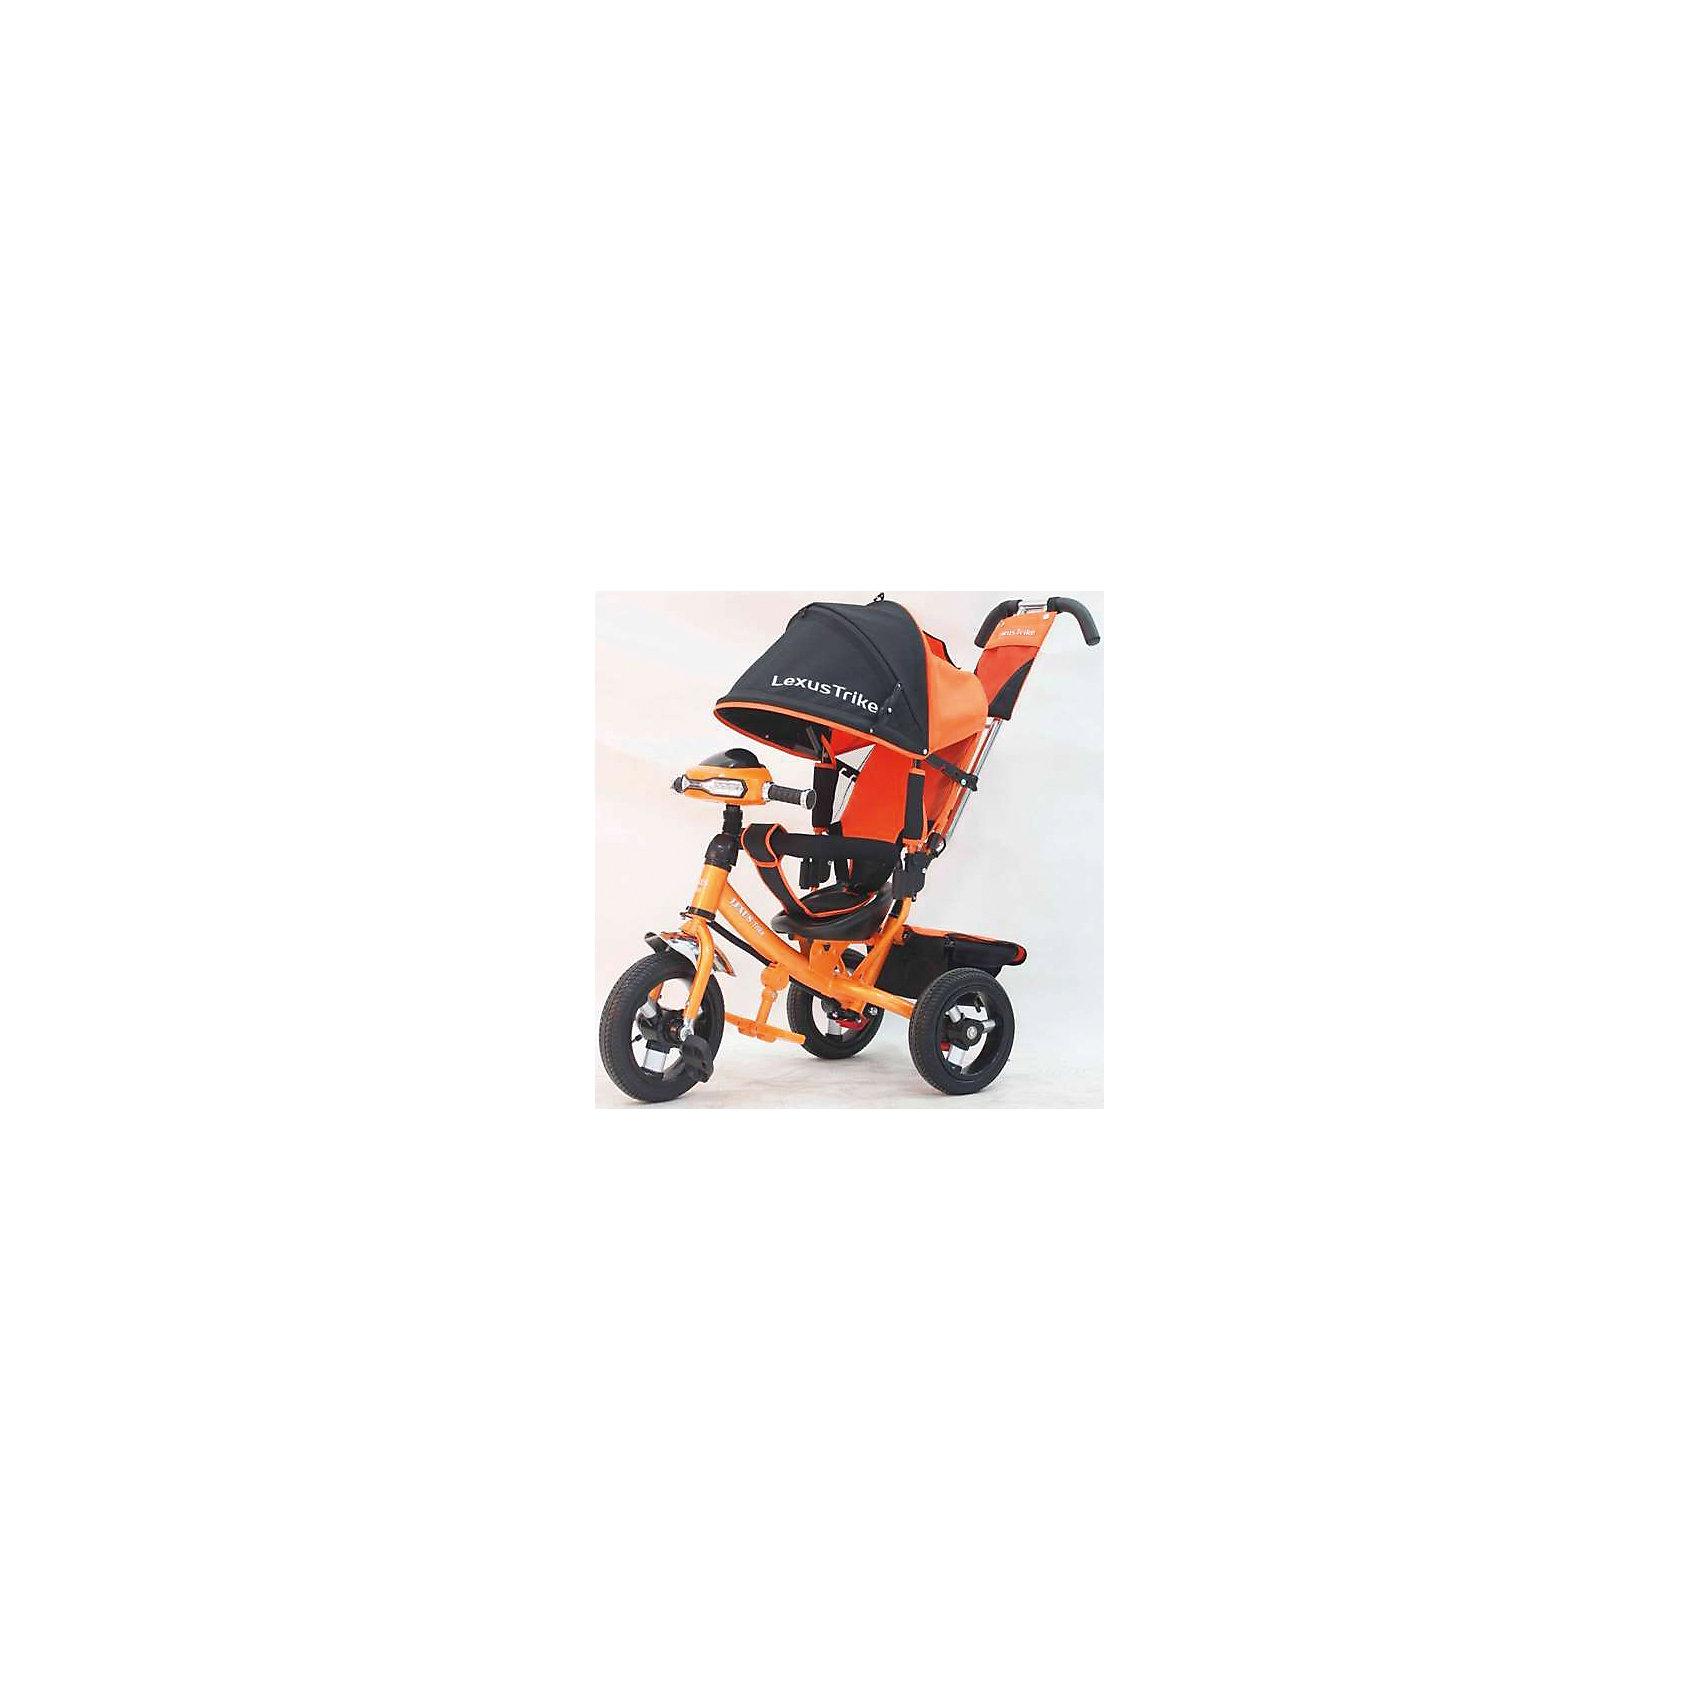 Трехколесный велосипед, со светом и звуком, оранжевый-черный, Lexus Trike LXнадувные резиновые колеса с алюминиевыми спицами и металлическими втулками передние 30 см (12) с функцией свободного хода, задние 25 см (10), - двойная телескопическая родительская ручка с мягкими рукоятками из пористой резины и сумочкой, - спинка с регулируемым углом наклона (3 положения), - складная подставкя для ног; - складной и съемный тент колясочного типа с фиксаторами положения и окошком, - покрытое мягкой тканью сидение с двухточечным ремнем безопасности, - подголовник на спинке, - стопоры задних колёс, - регулируемая поворотная рычаг-спица, - раздвижная дуга безопасности с мягкими подлокотниками из пористой резины, - багажная корзина с крышкой, - игровая панель со световыми и звуковыми эффектами, оранжевый-черный, - цветная коробка.<br><br>Ширина мм: 810<br>Глубина мм: 470<br>Высота мм: 1100<br>Вес г: 13800<br>Возраст от месяцев: 12<br>Возраст до месяцев: 36<br>Пол: Унисекс<br>Возраст: Детский<br>SKU: 5526361